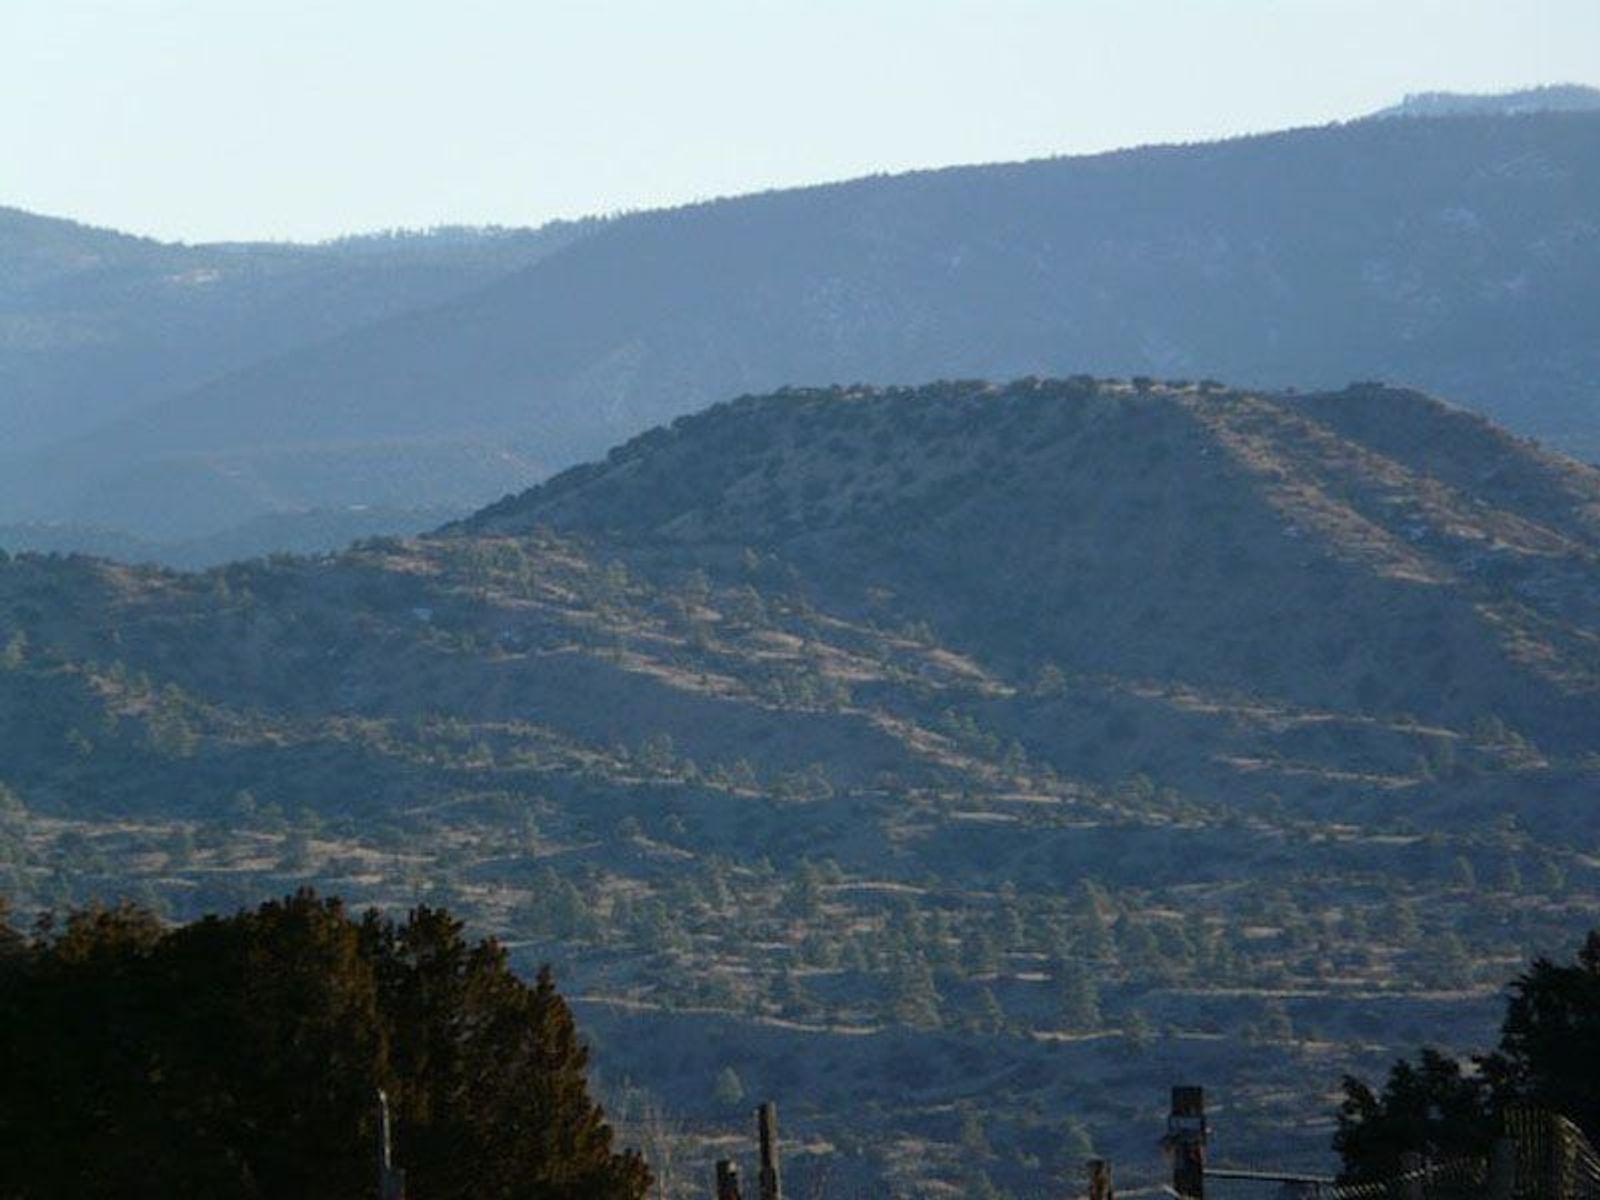 Santa California, Lots 66-76